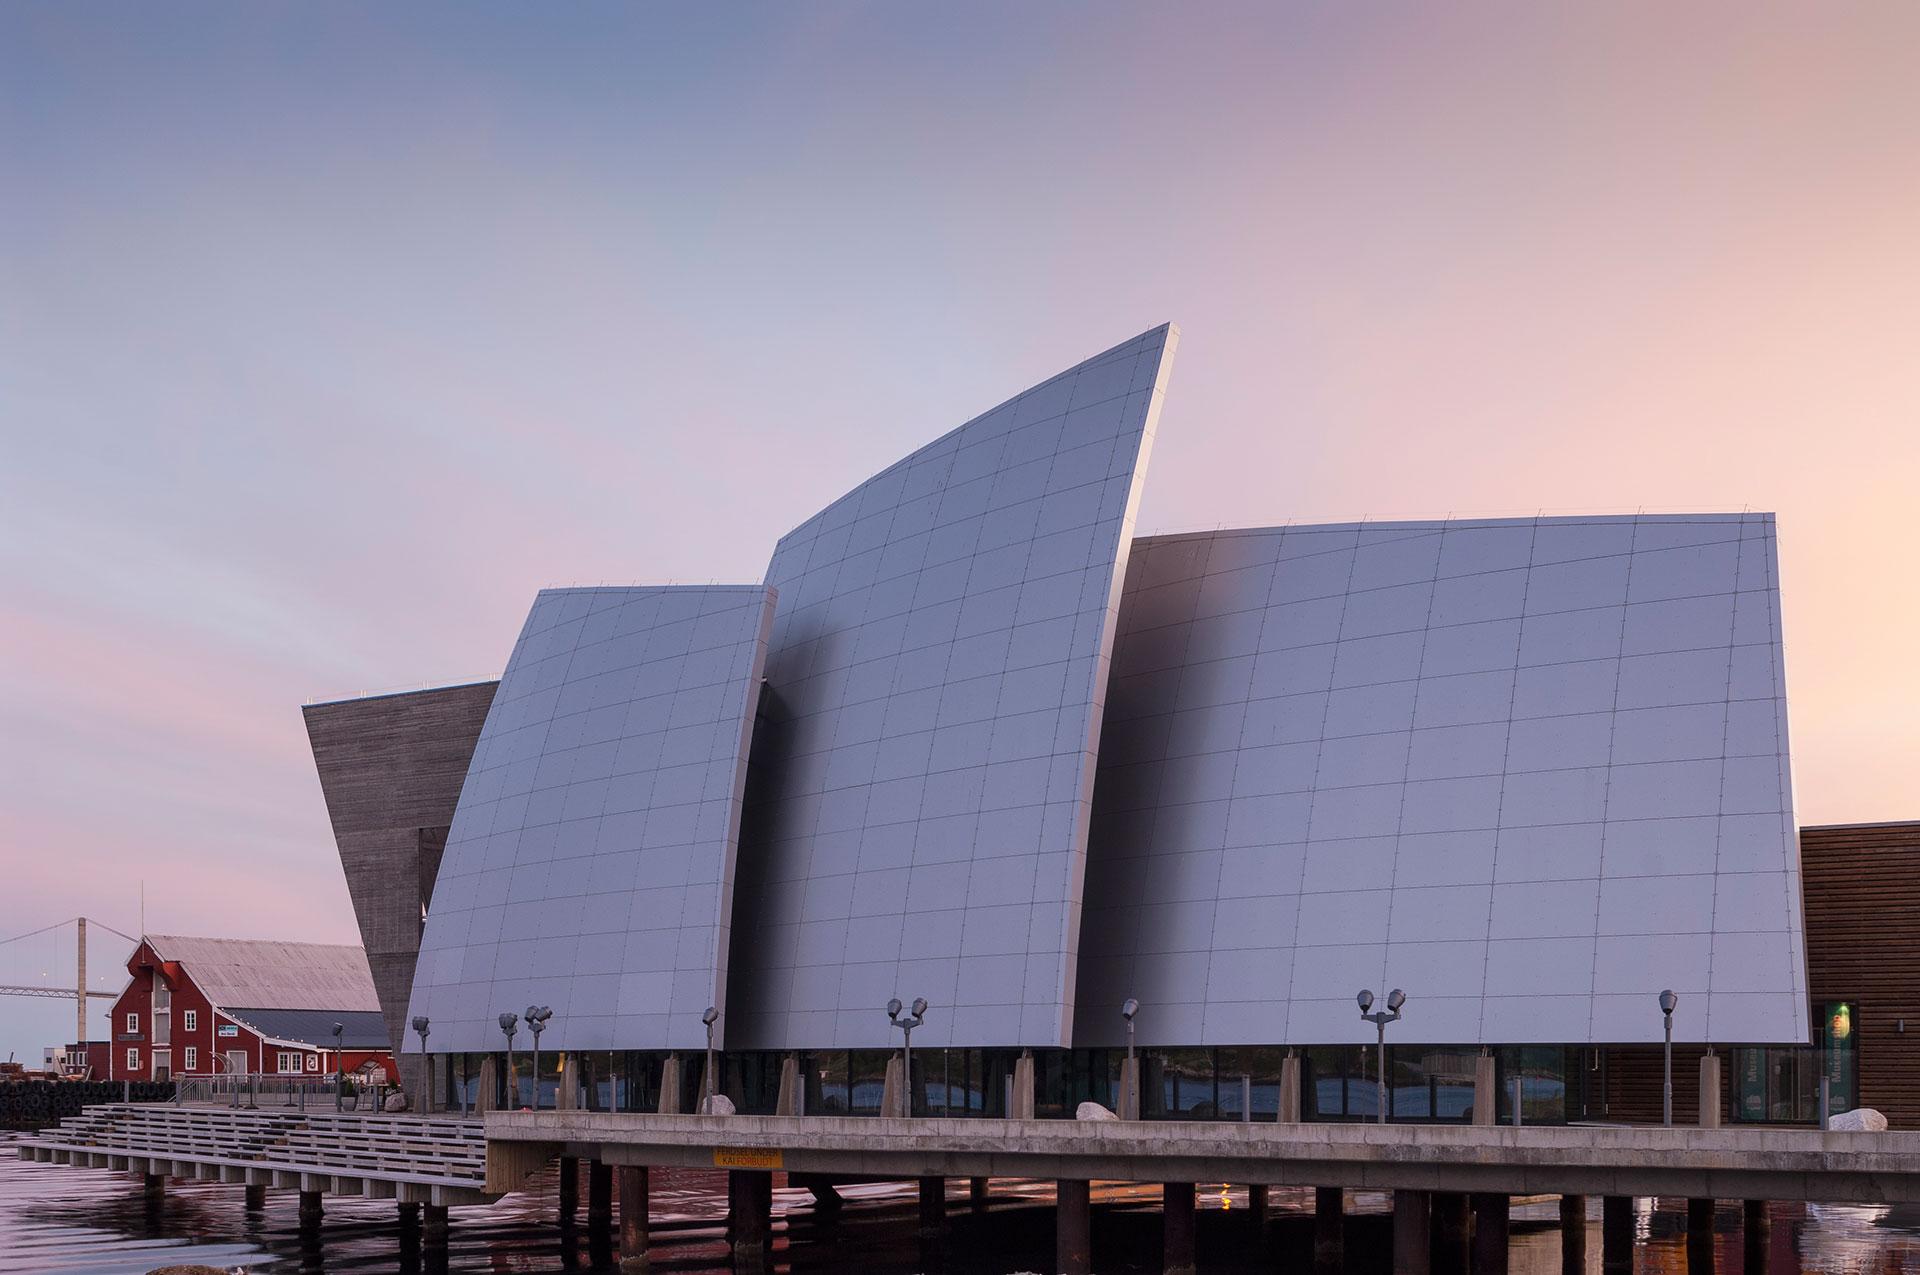 In Norwegen steht in Roervik eine moderne Architektur das Kuestenmuseum Norveg Woxengs das folgende Sammlungen beherbergt: Sammlungen Gudmundur Jonsson moderne Architektur Mies van der Rohe Award 2005 Architekturpreis